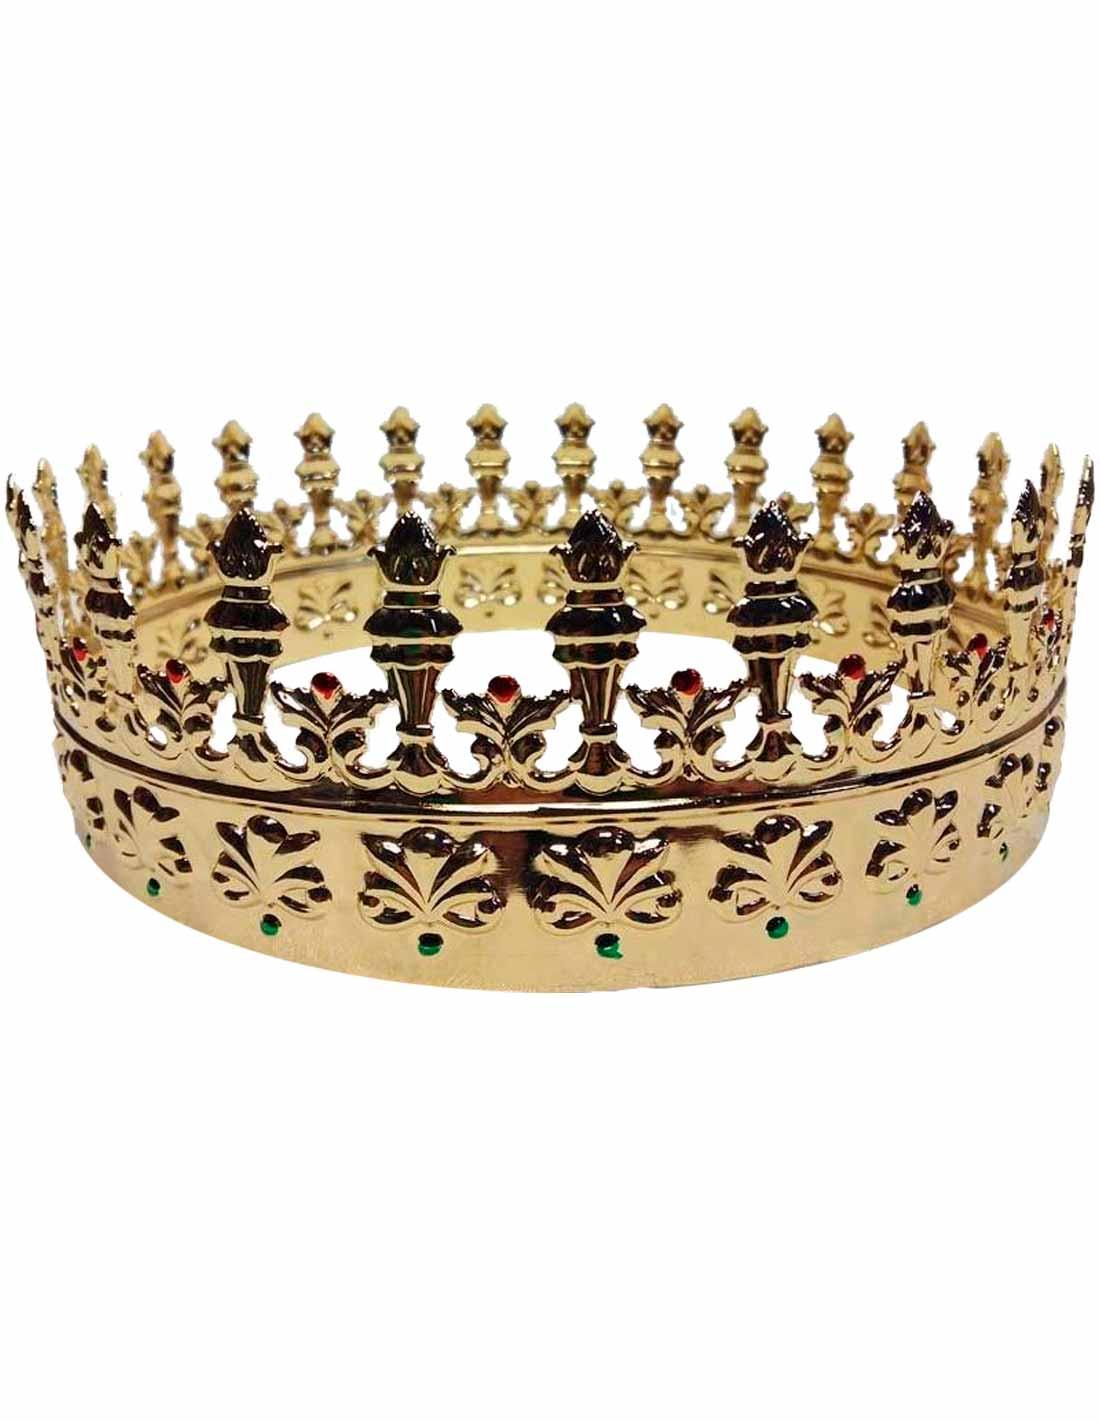 Corona metalica de  rey mago